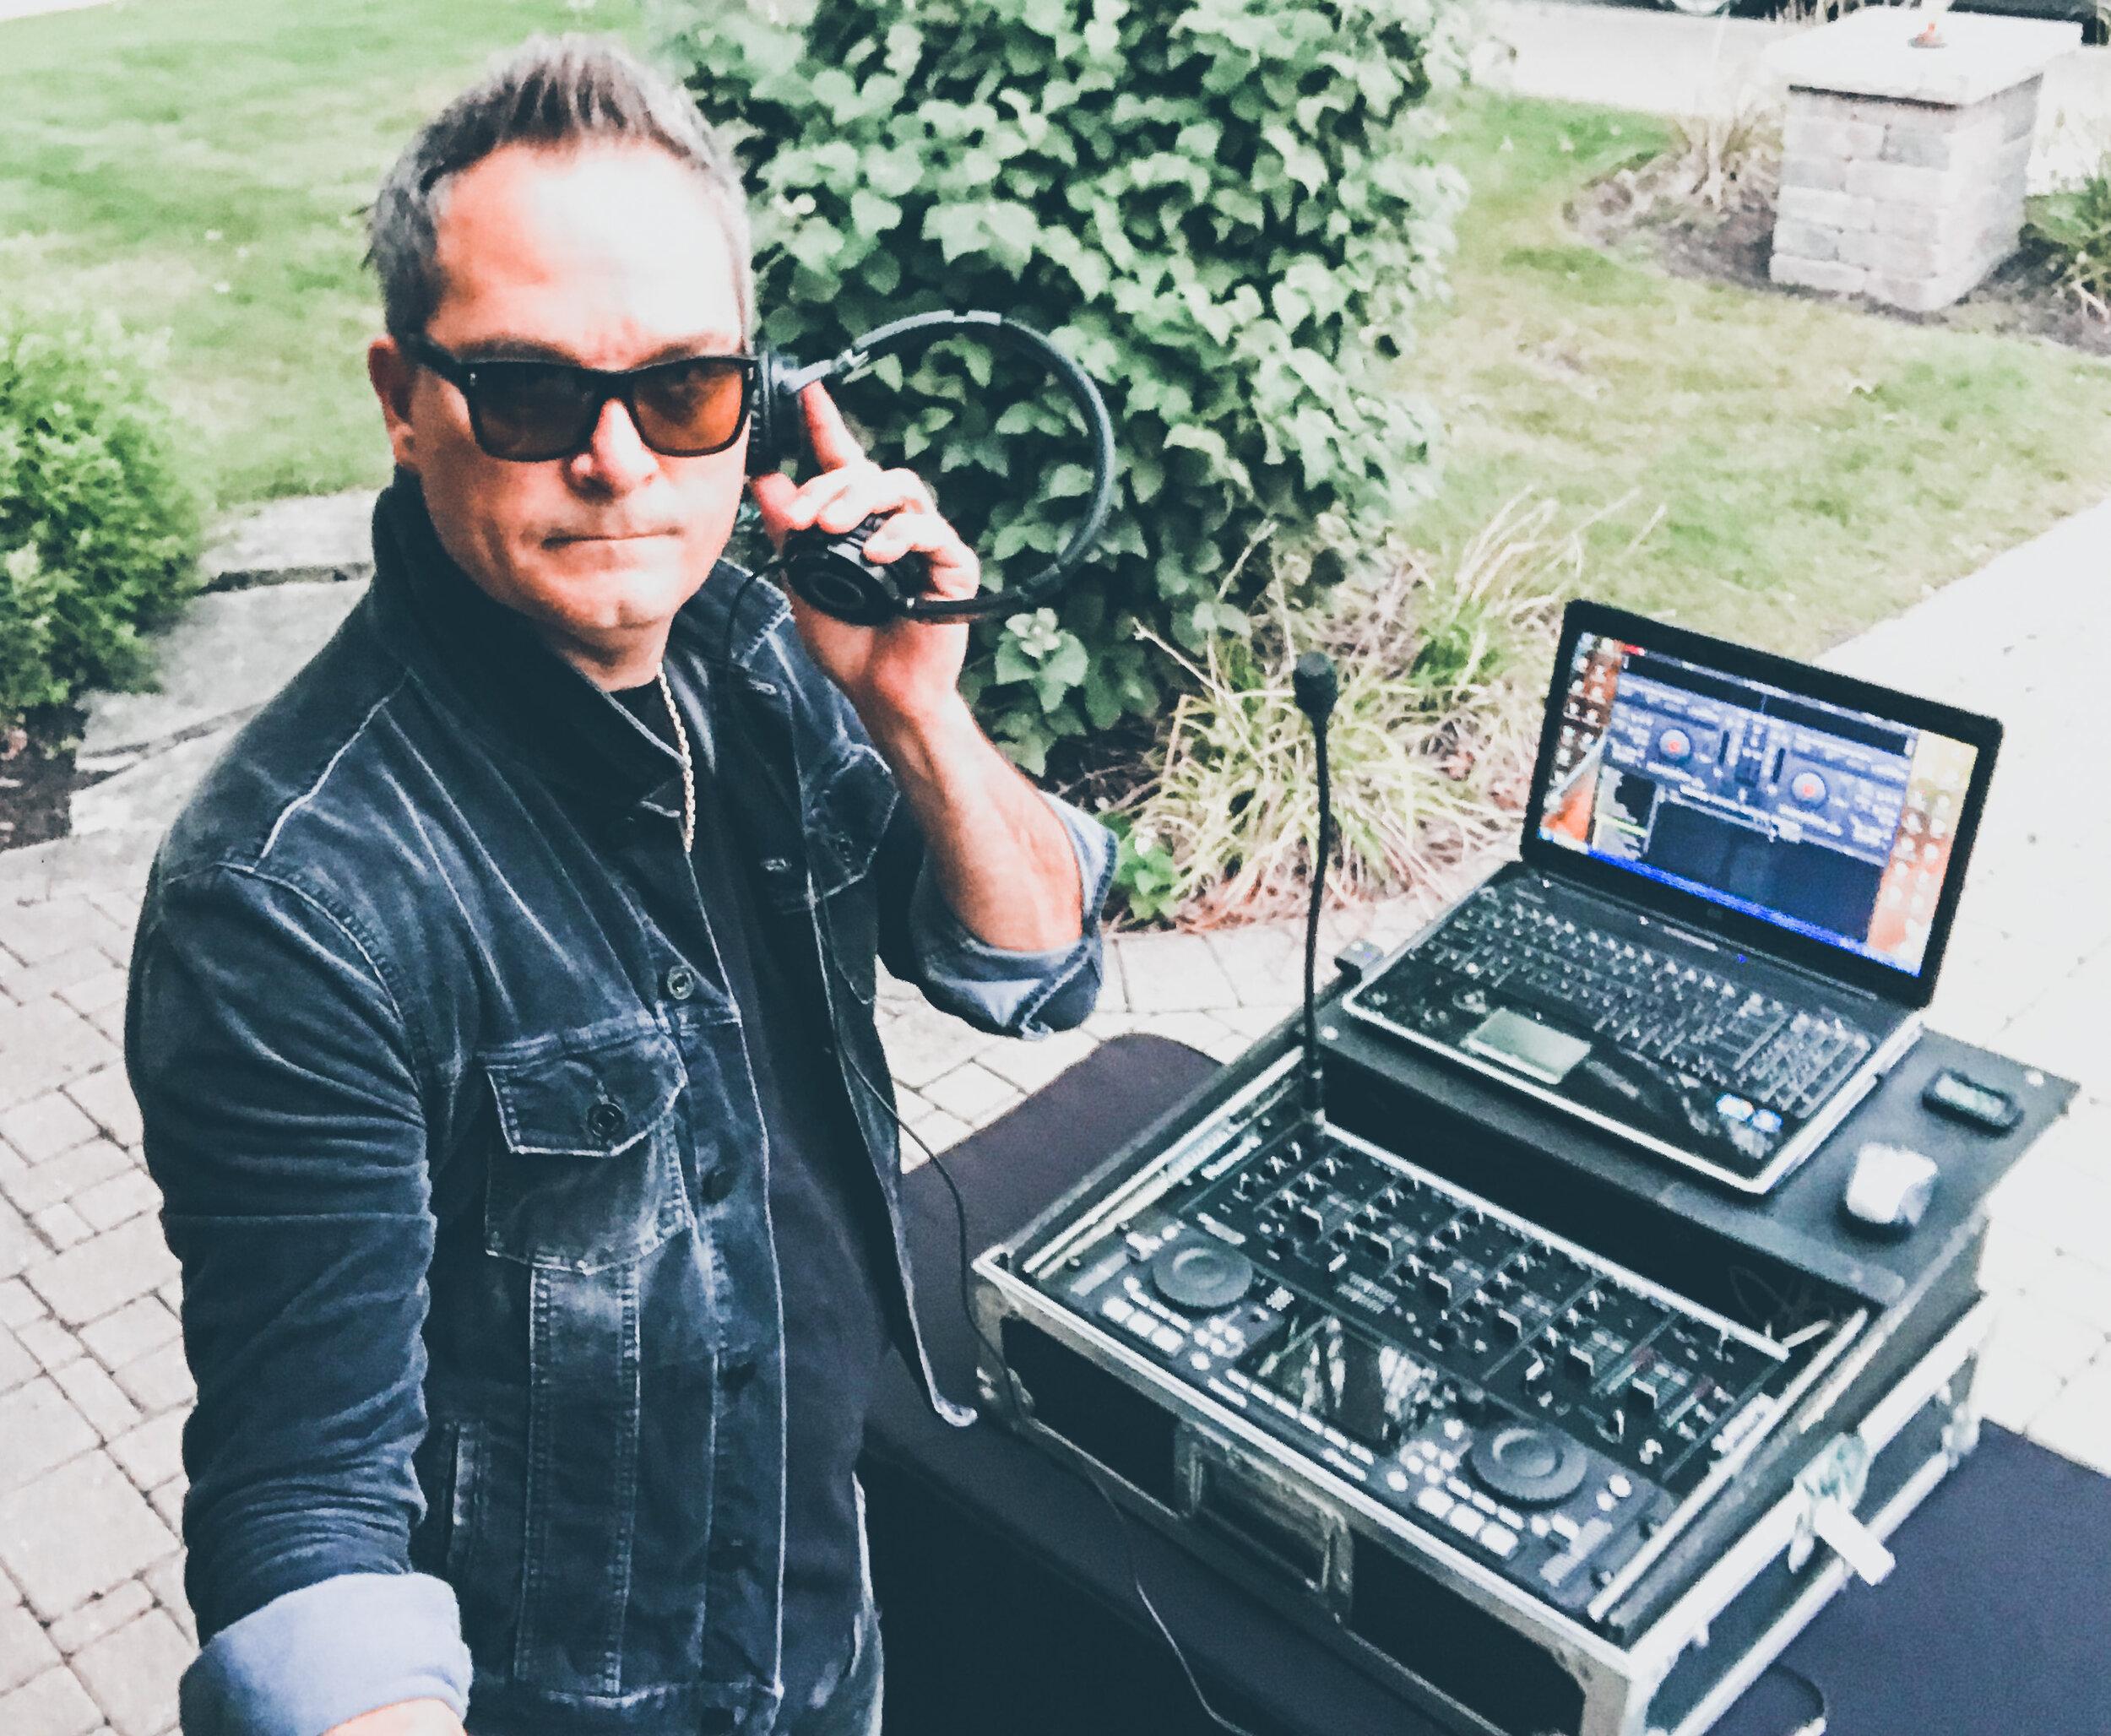 Todd Arcari DJ MC 2019 - Pic 4.jpg